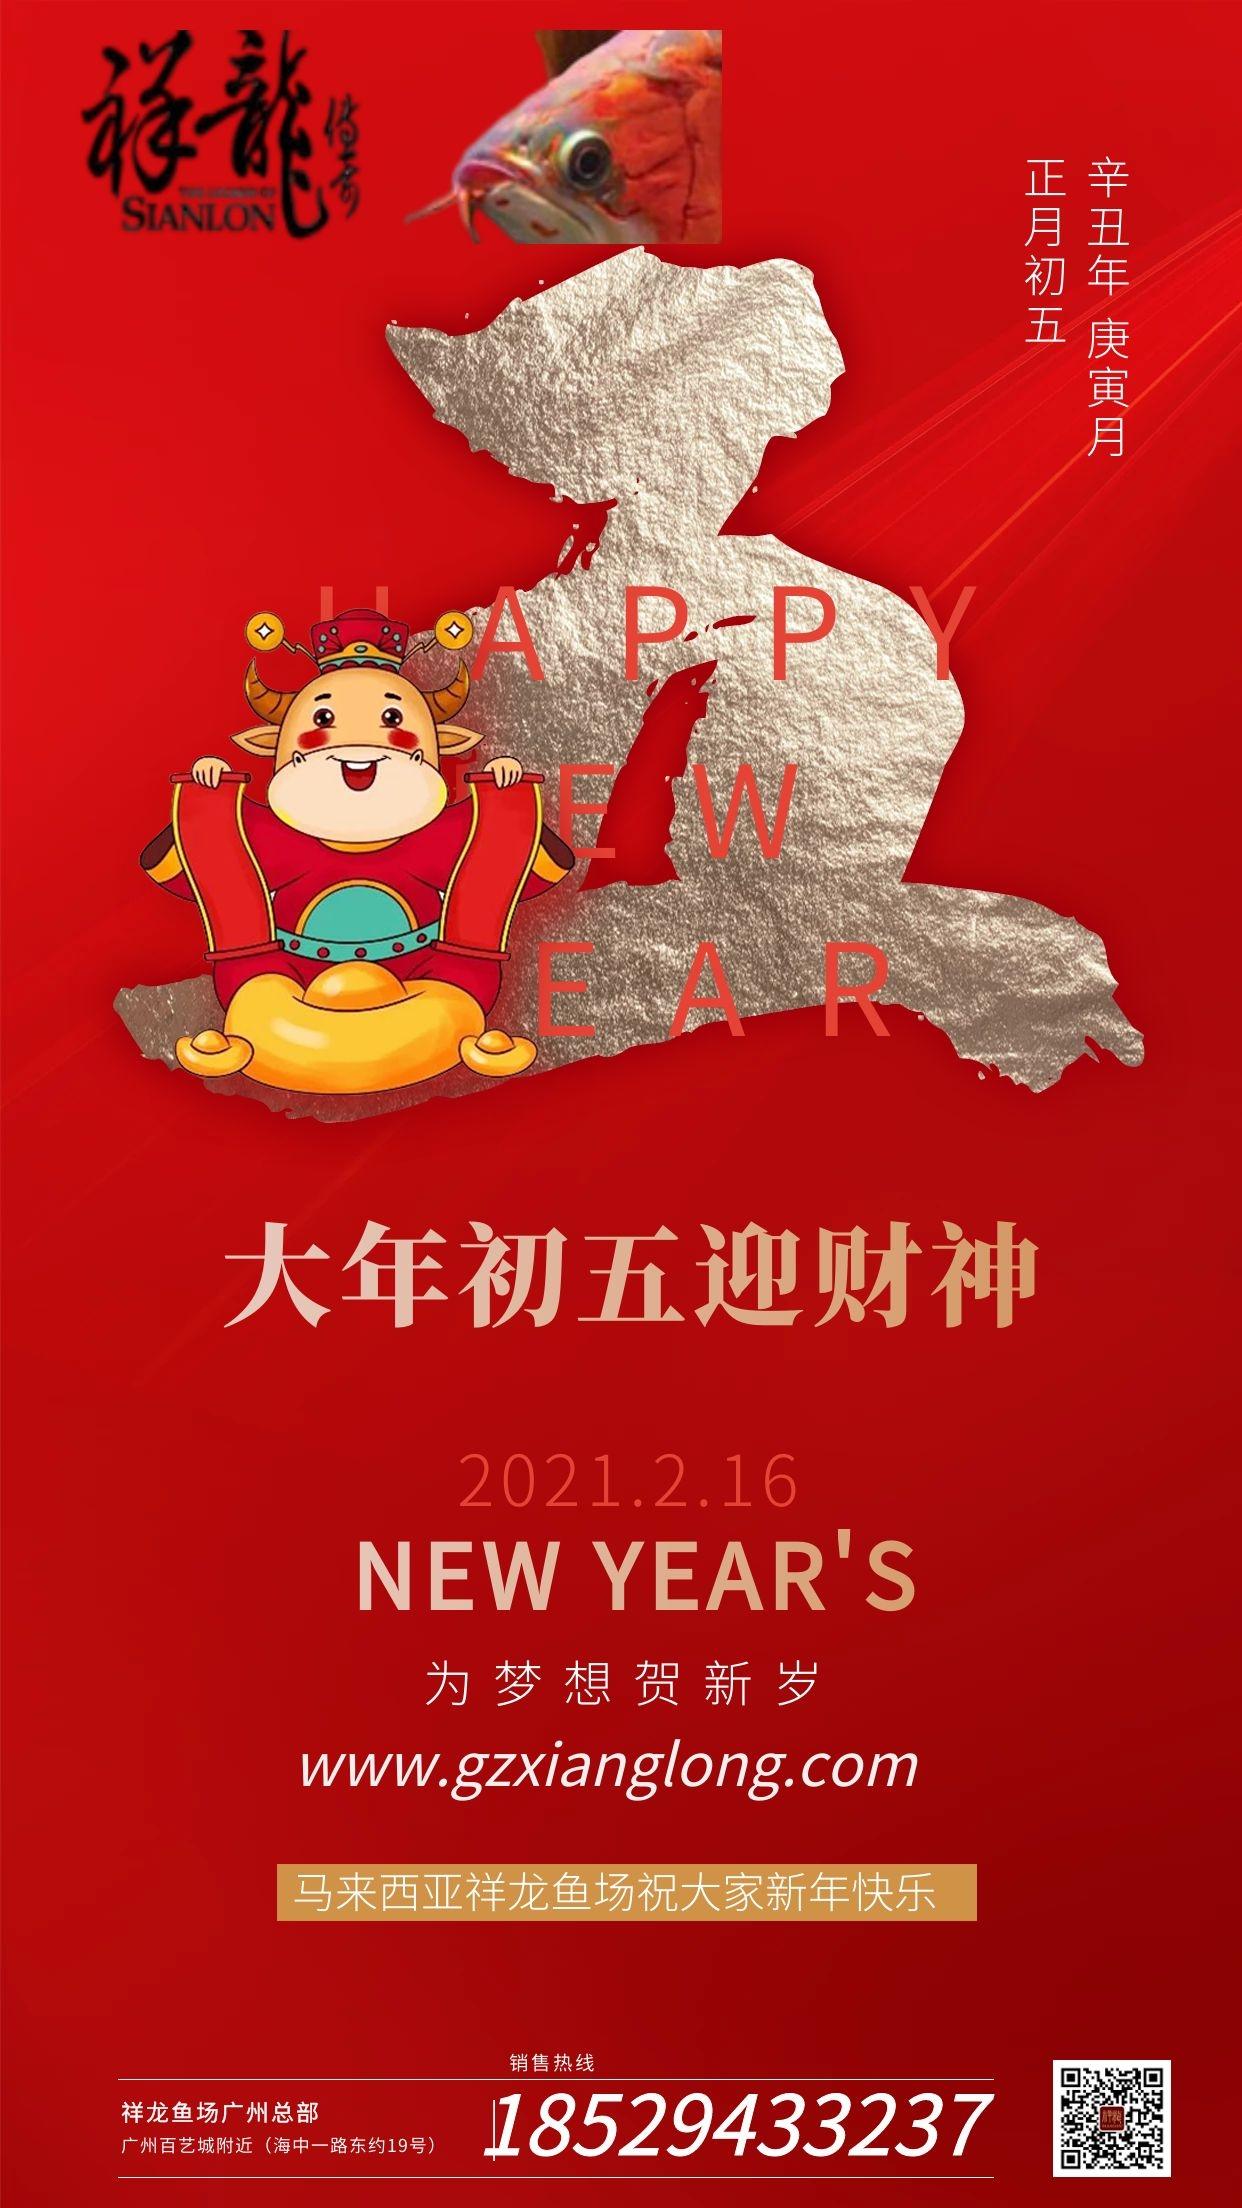 北京祥龙水族馆恭贺本市鱼友新春快乐祝福2021 北京水族馆信息 北京龙鱼第8张